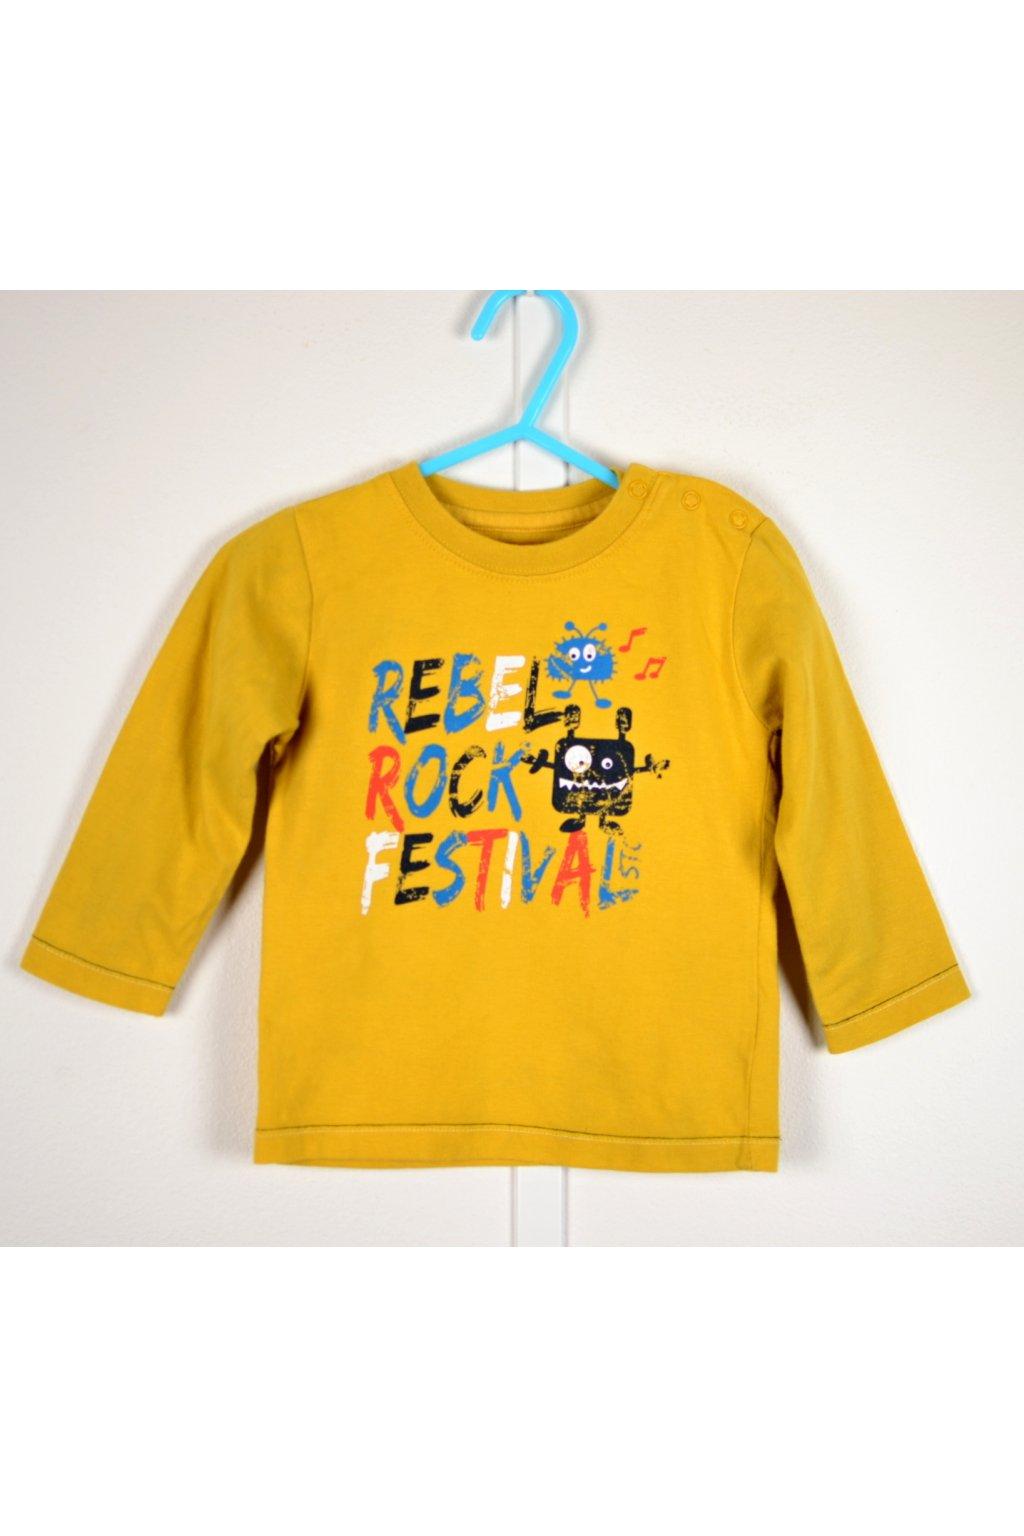 Tričko Staccato vel 74 žluté s obrázkem